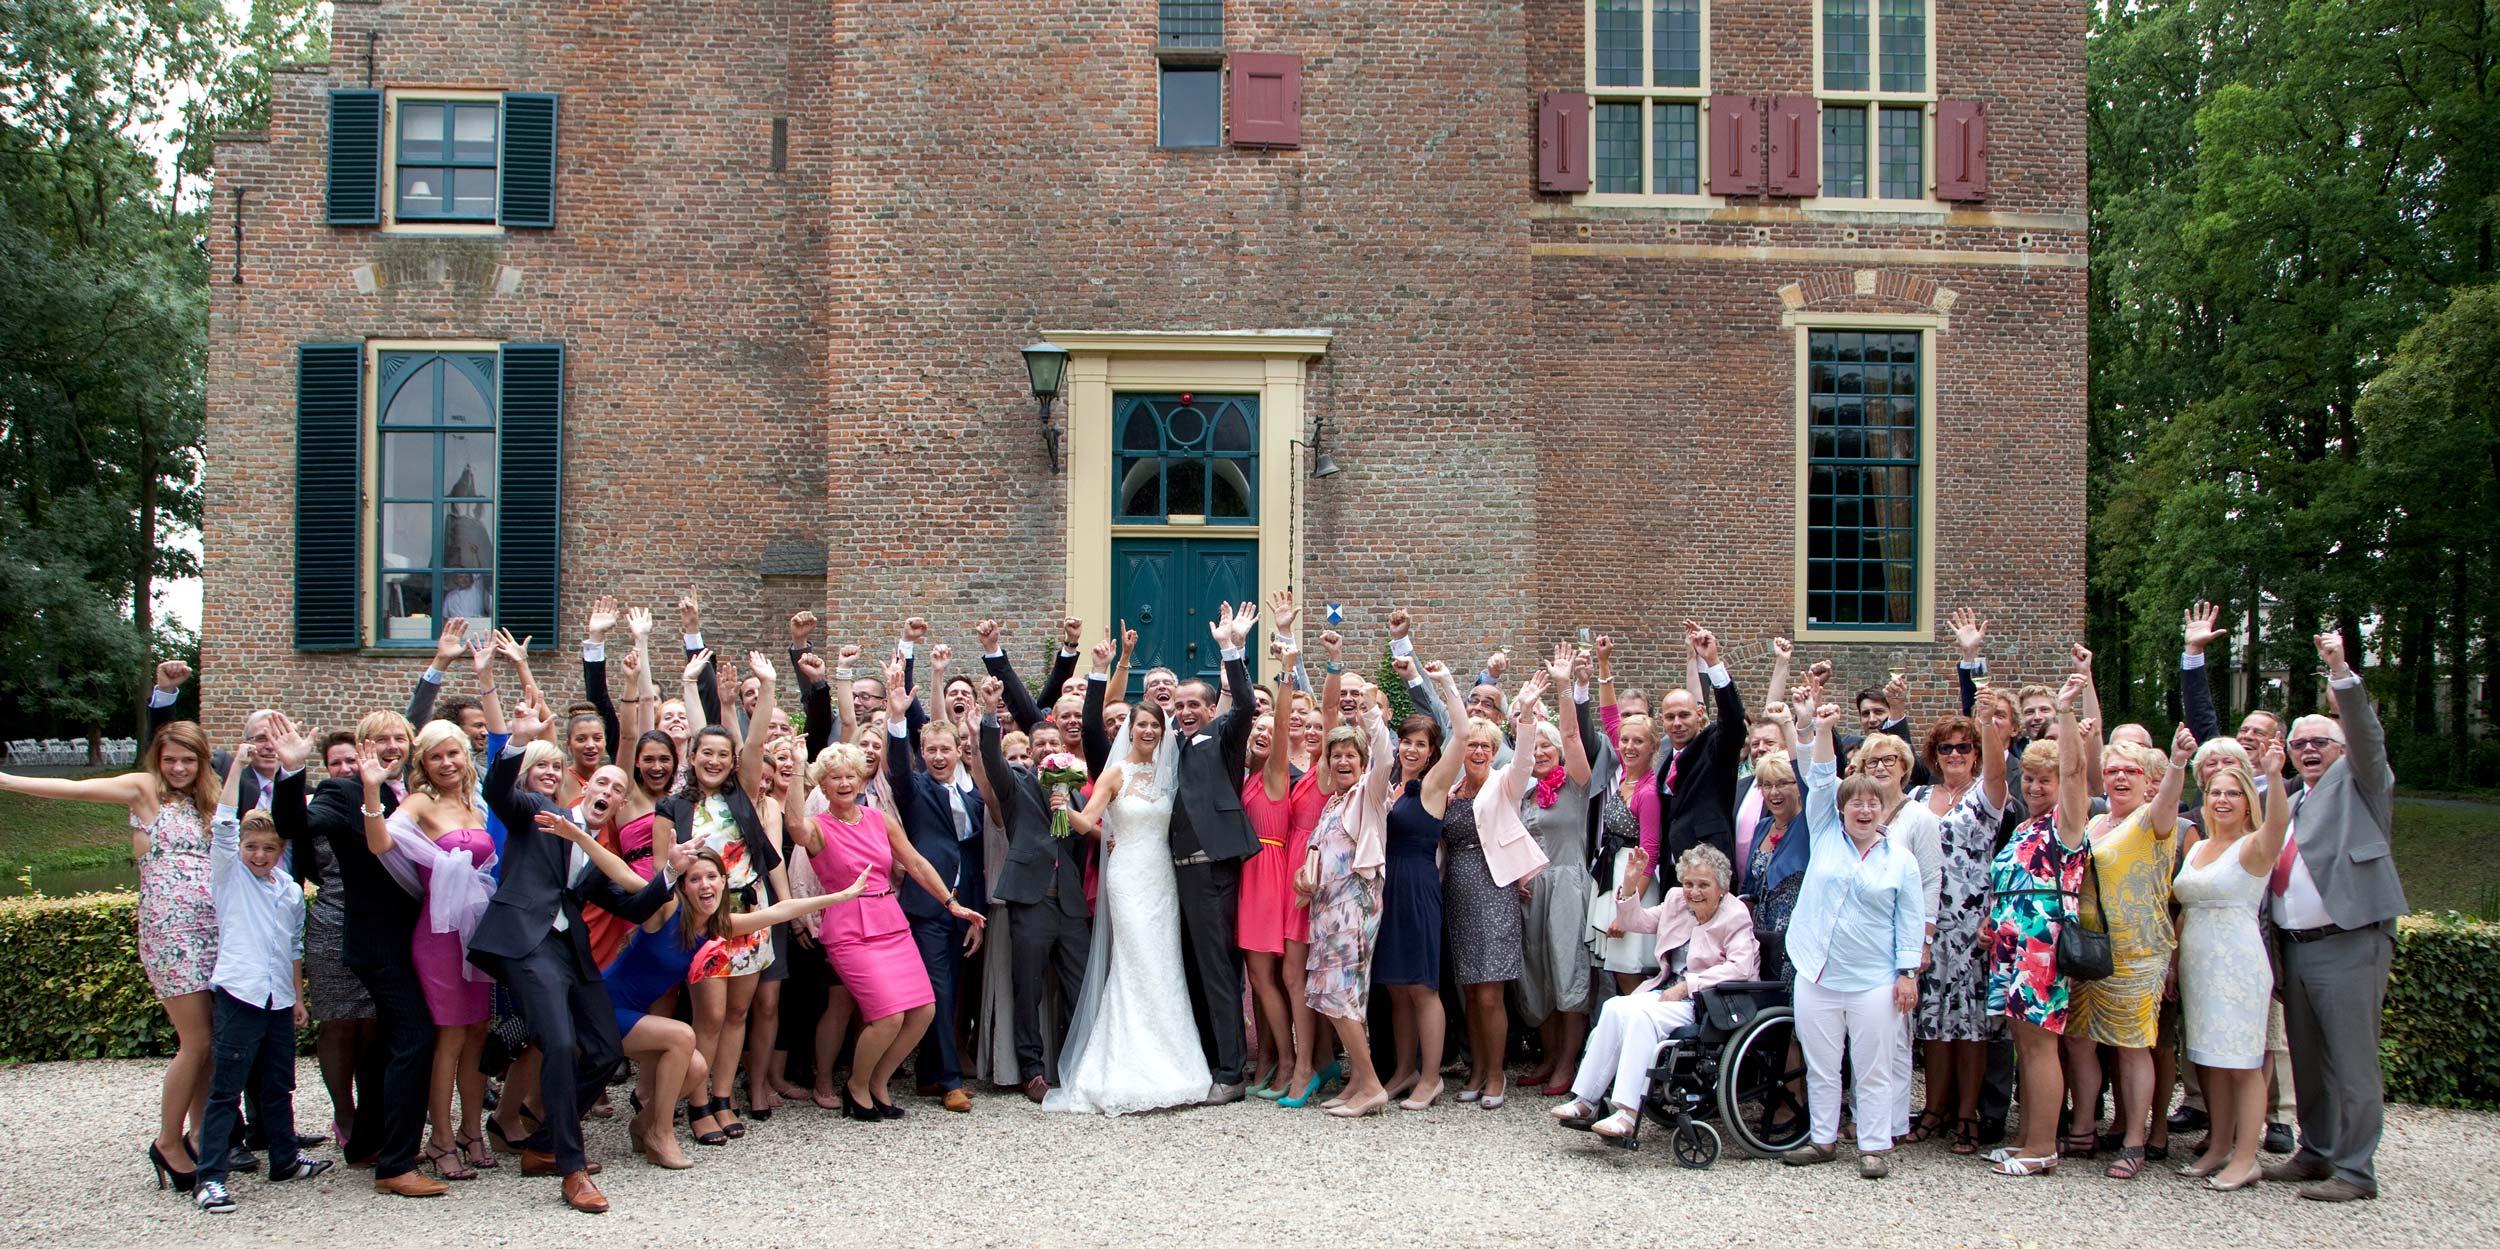 023_trouwen_voorbeeld_album_kasteel_wijenburg_bruiloft_trouwlocatie_trouwinspiratie